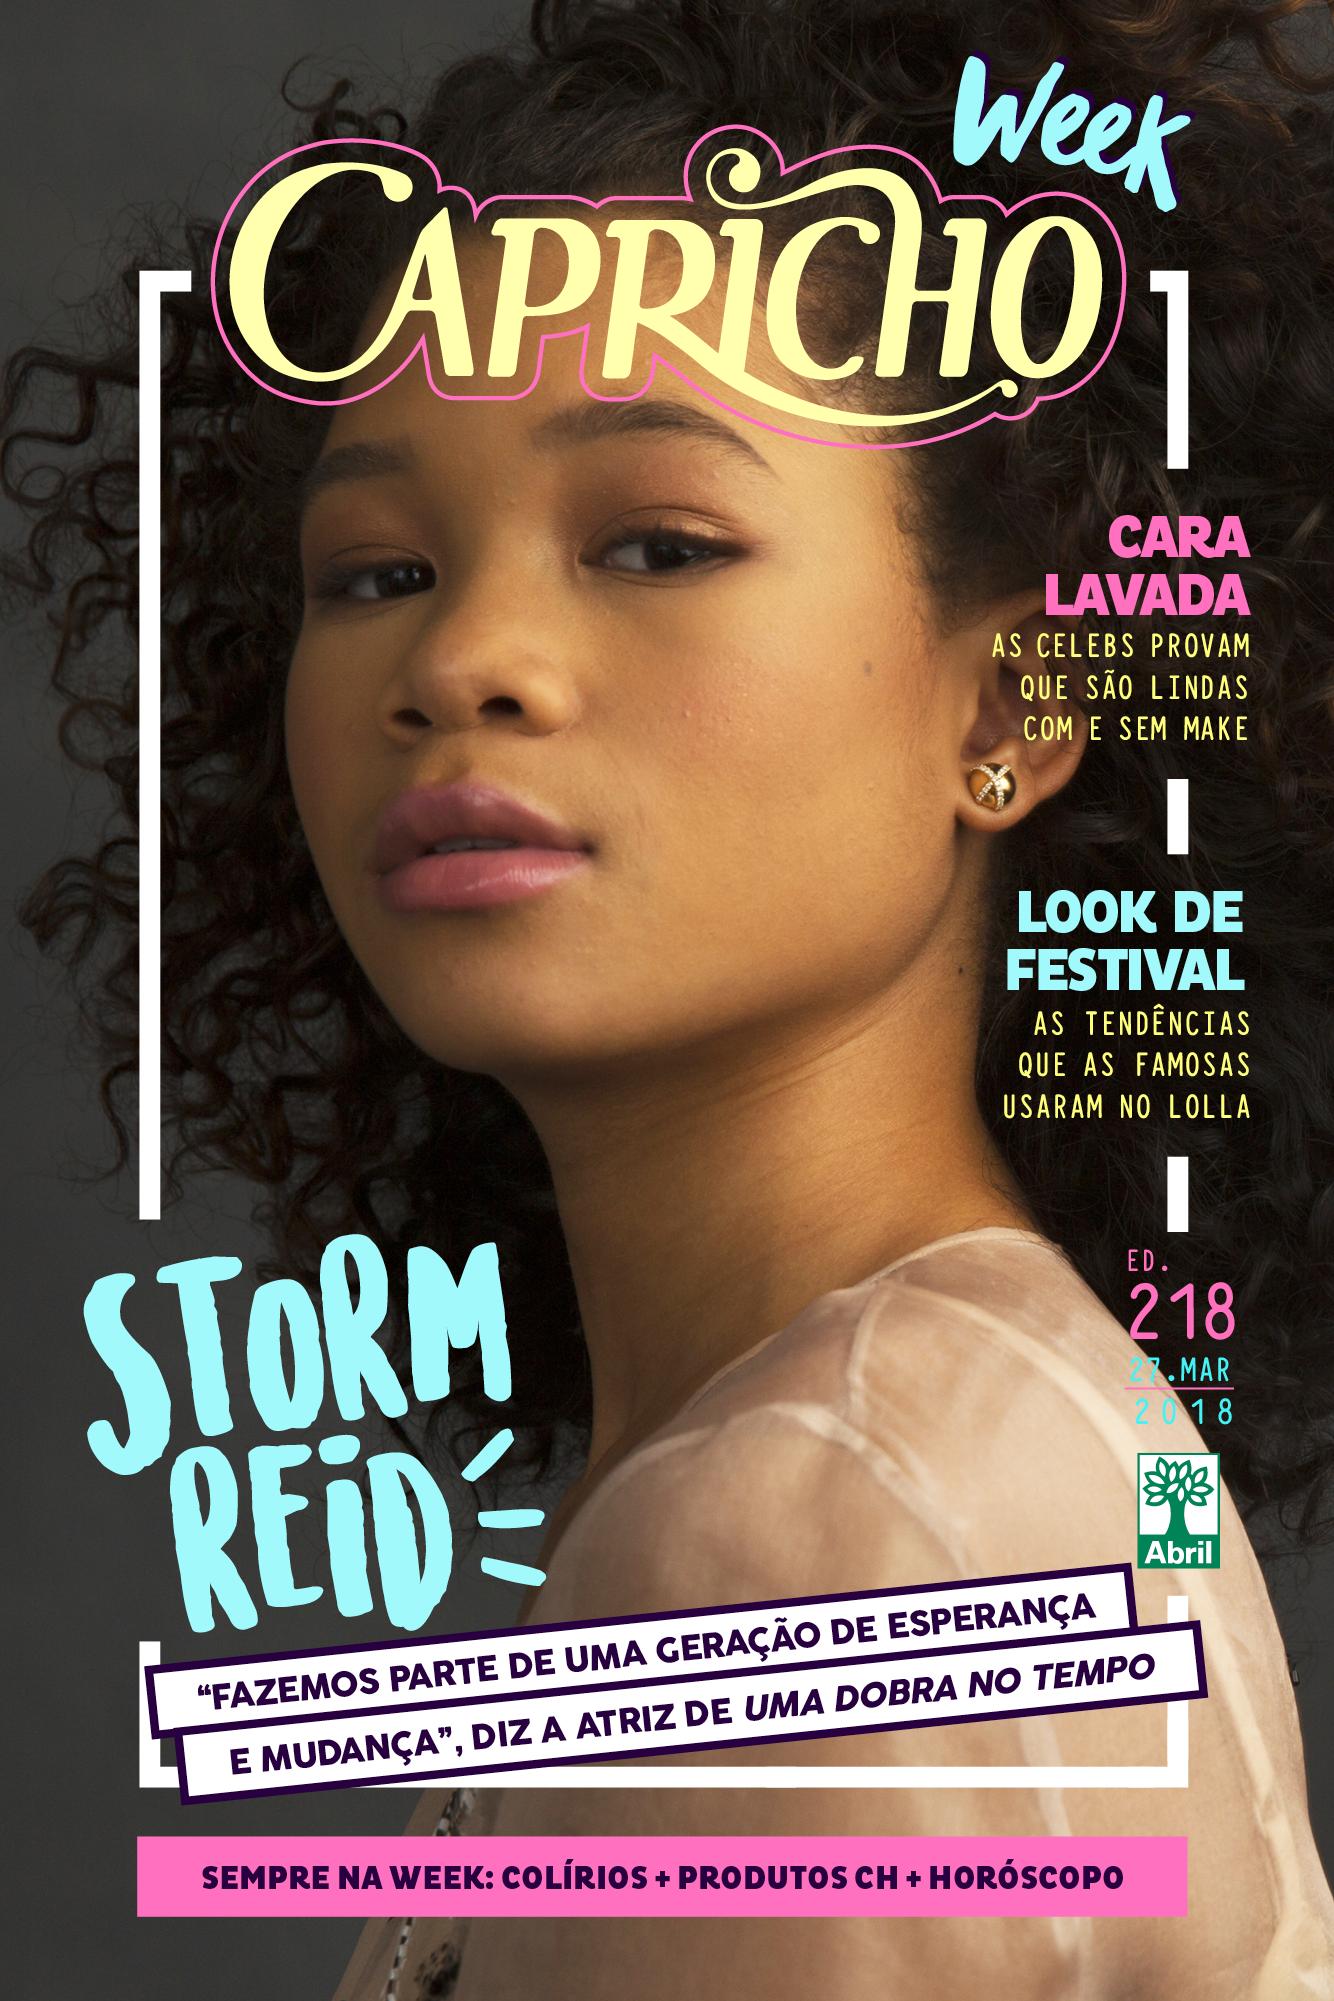 capa-capricho-week-storm-reid